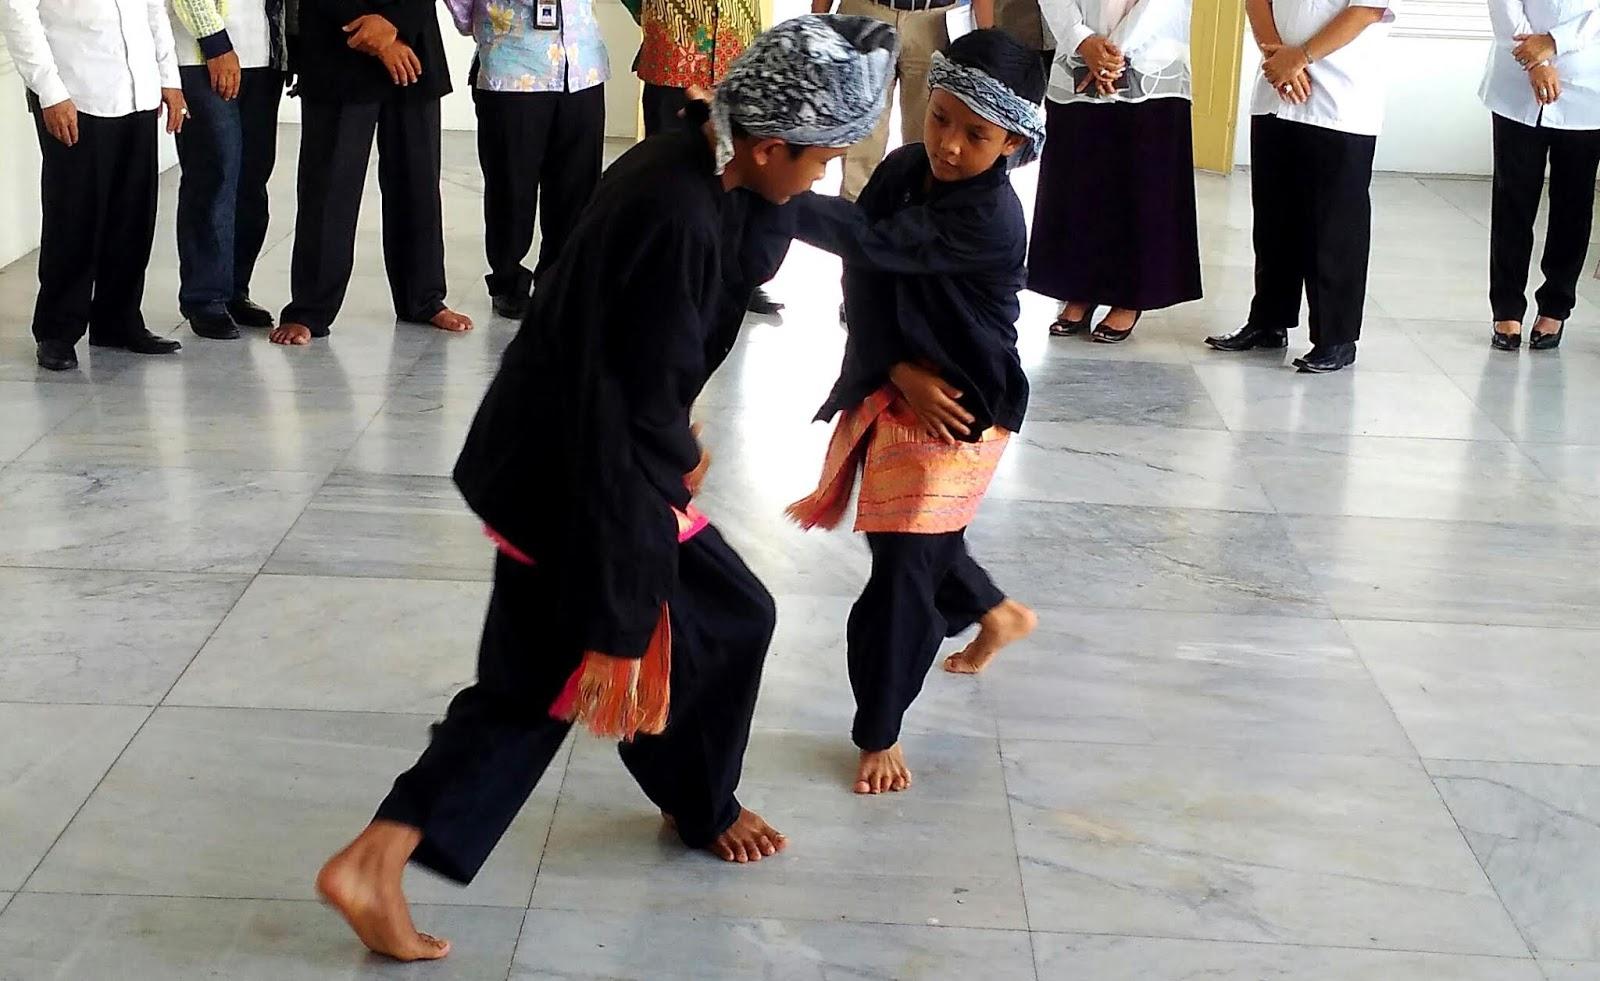 Pemerintah Provinsi Sumatera Barat mengumumkan bahwa silat yang menjadi salah satu kebudayaan di Sumatera Barat, belum lama ini telah diputuskan dalam sidang UNESCO (United Nations Educational, Scientific and Cultural Organization) bahwa silat masuk dalam daftar Wirisan Budaya Takbenda (WBTb).